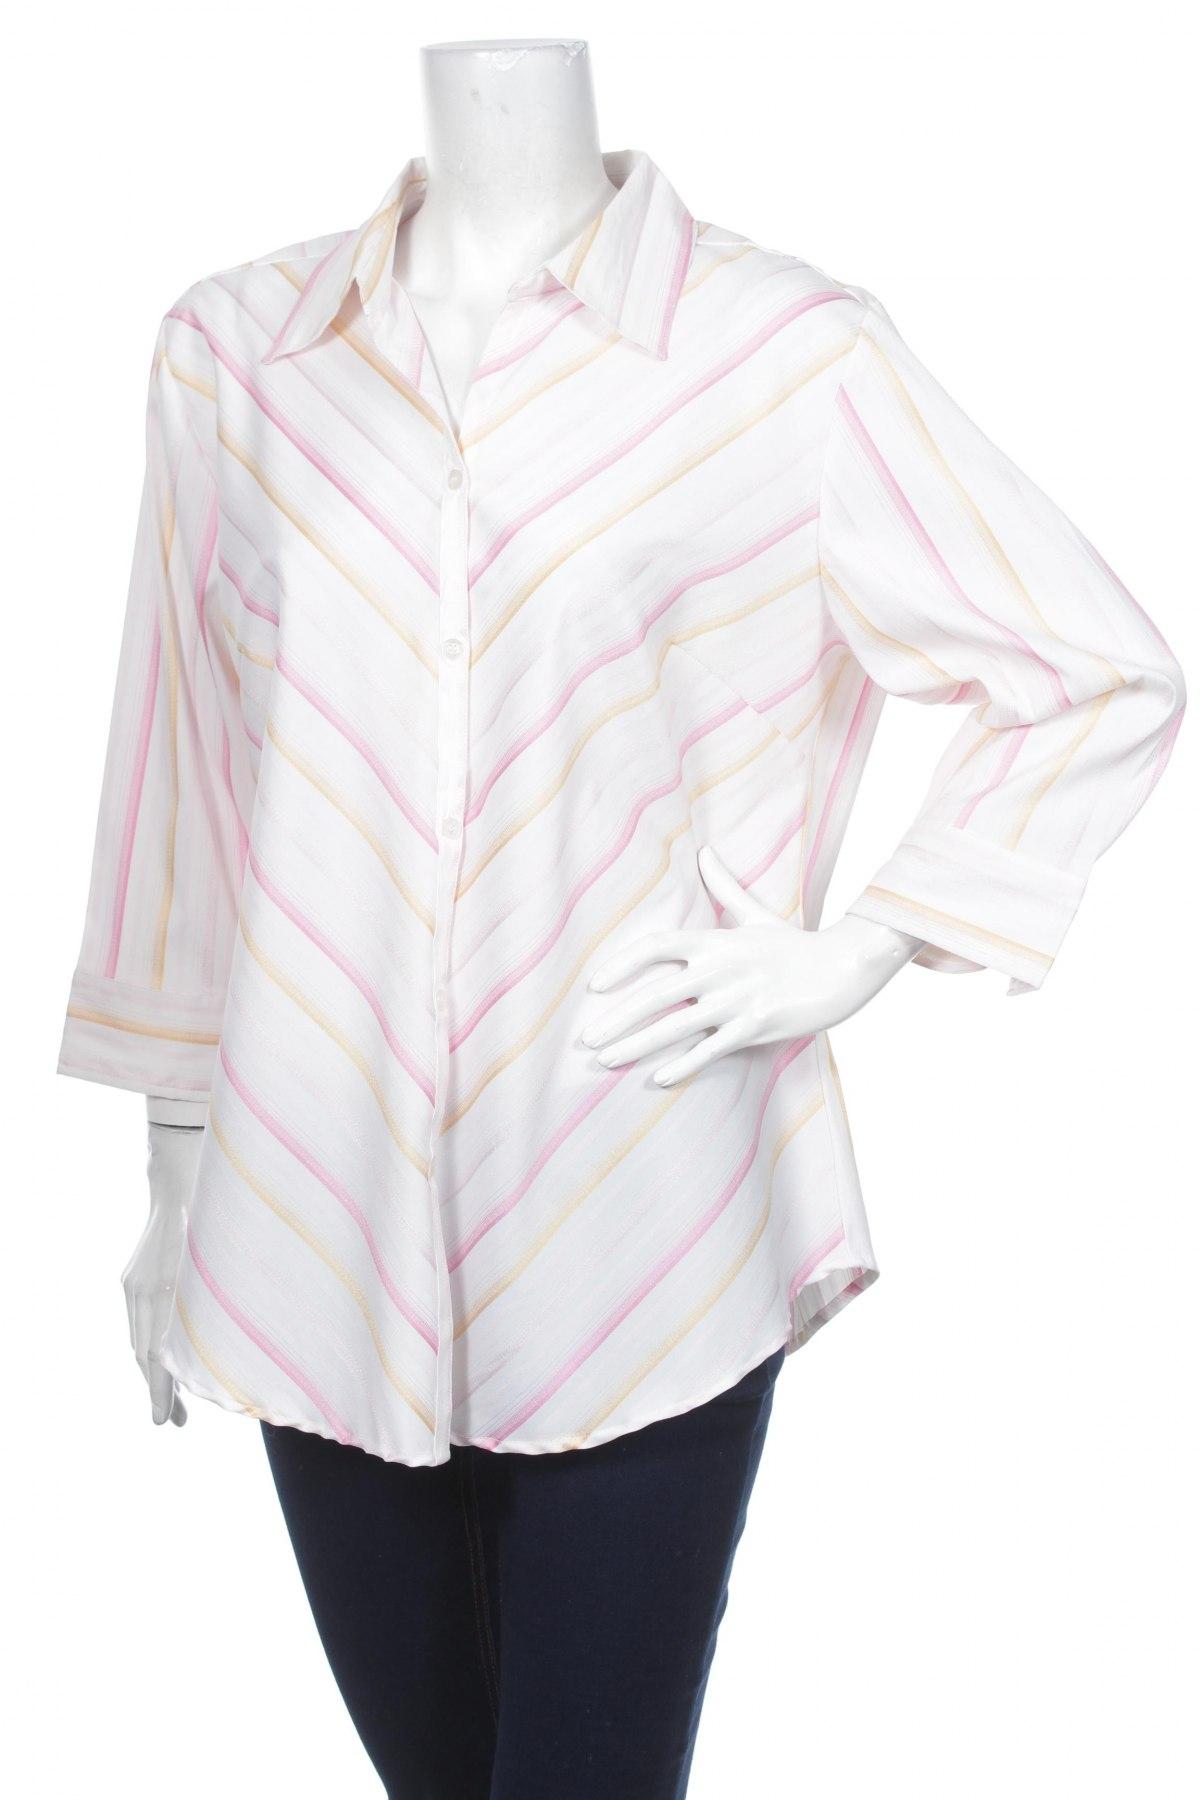 Γυναικείο πουκάμισο Ashley Stewart